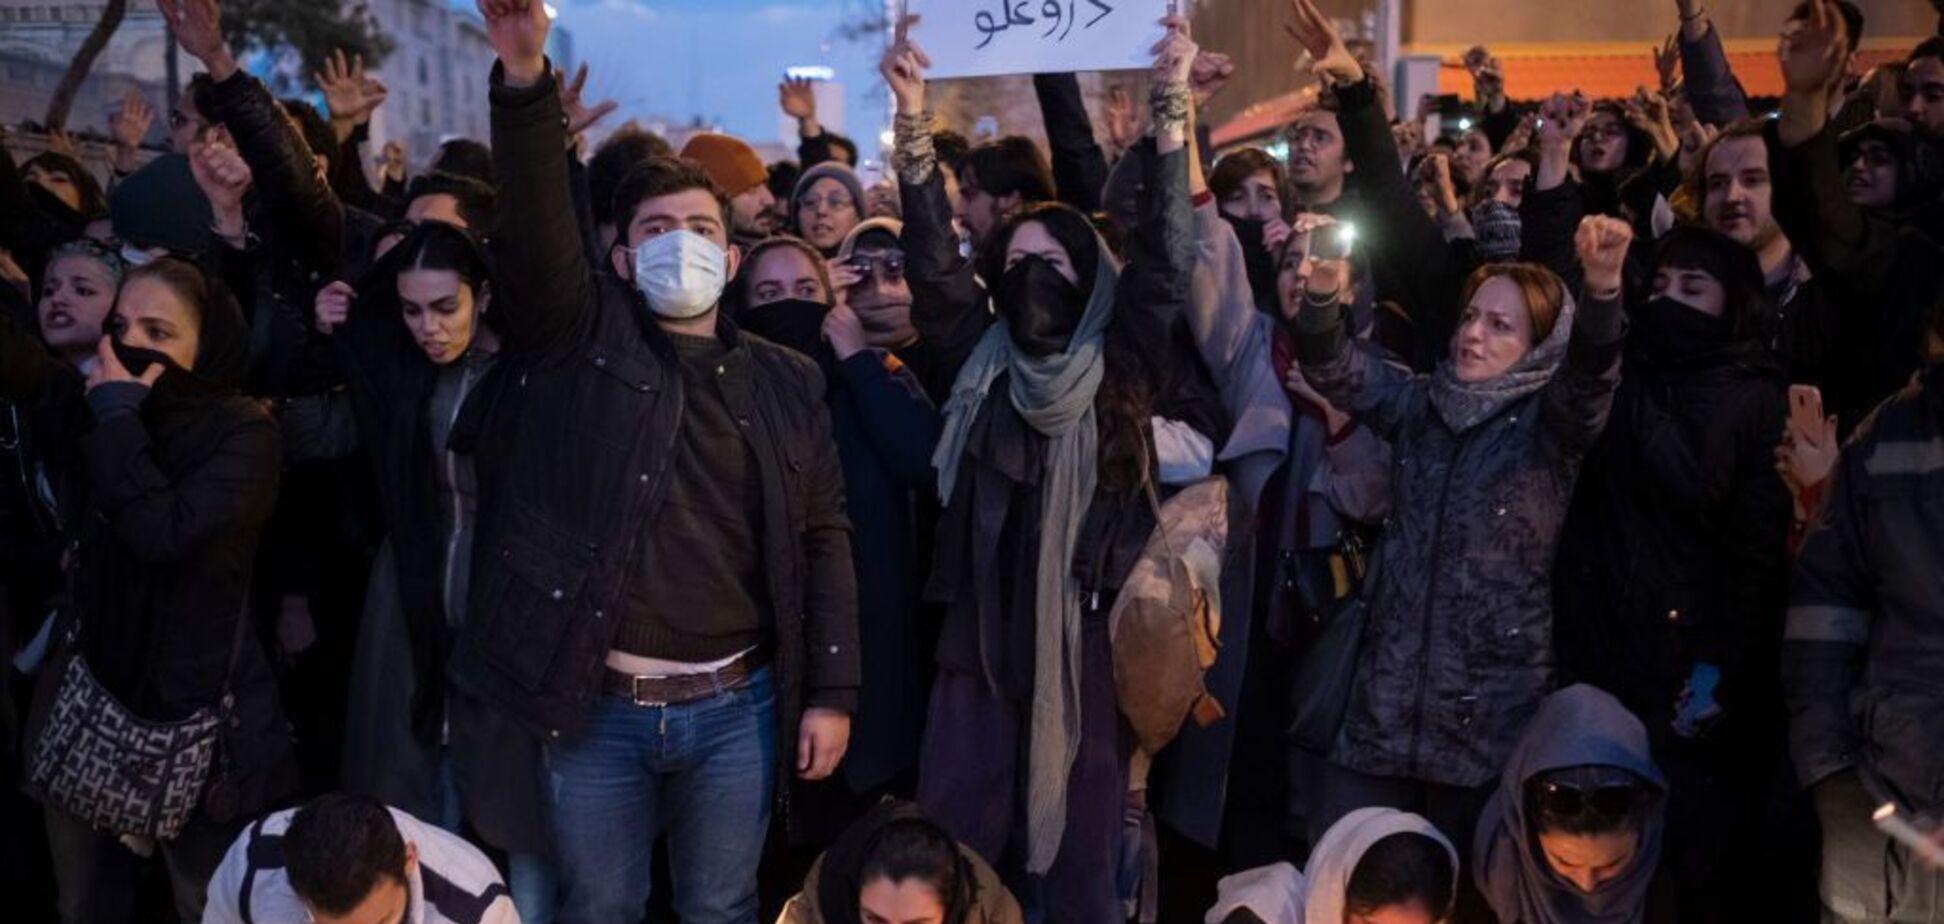 'Це сигнал': міжнародник назвав наслідки кривавих протестів в Ірані